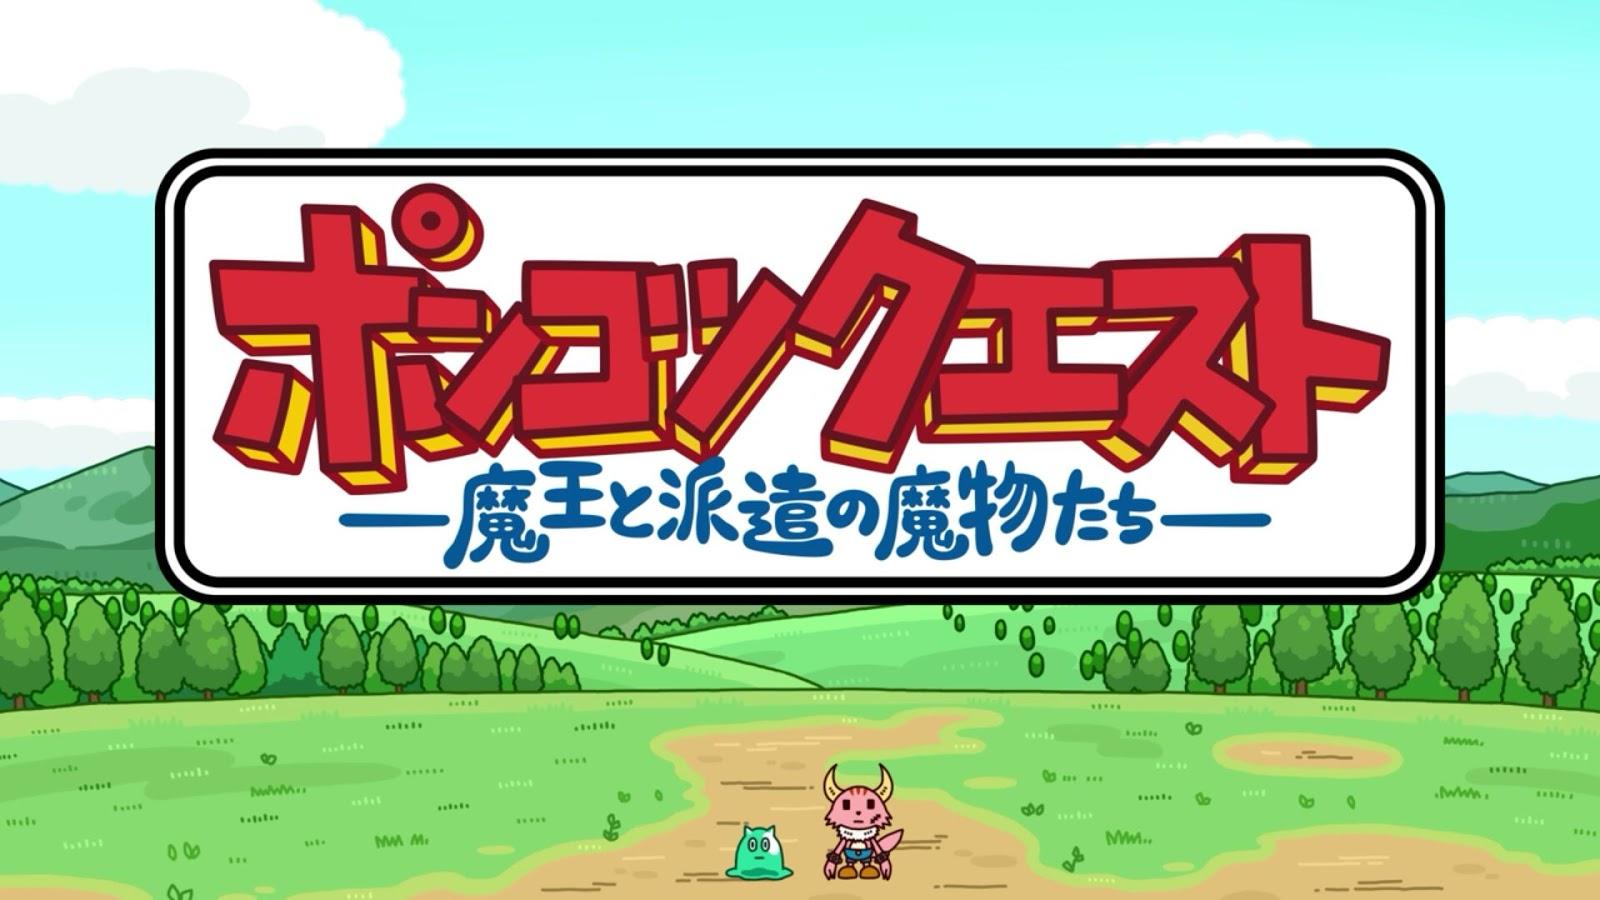 ポンコツクエスト 39章 採集 ゲーム アニメ戦記